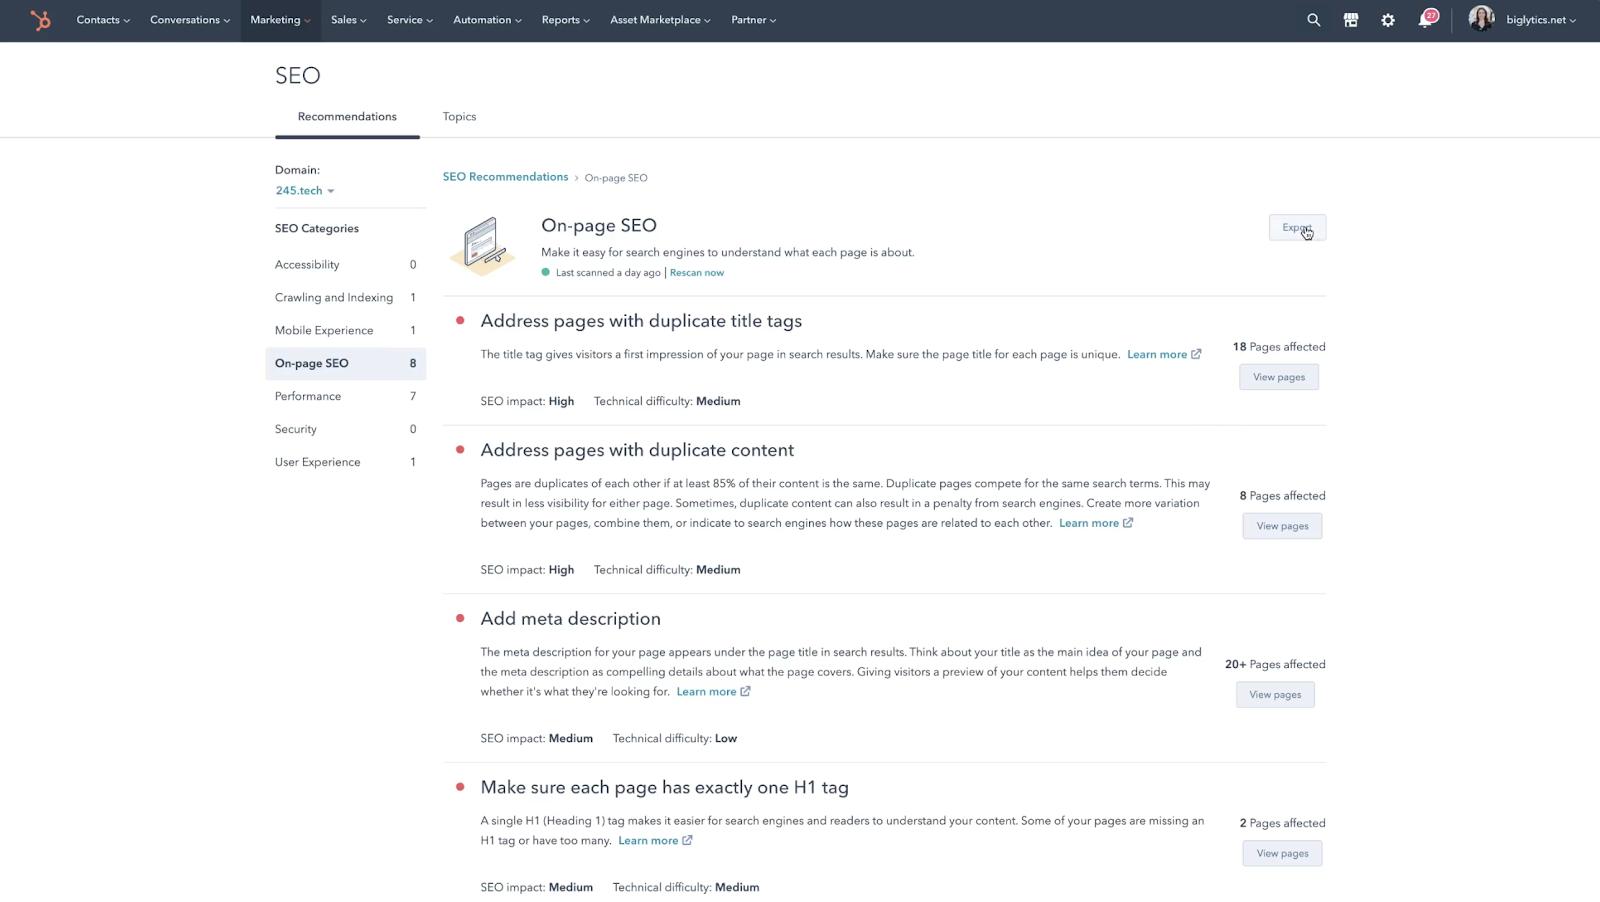 HubSpot Produktaktualisierungen Mai 2021: Empfehlungen aus SEO-Audit-Tool exportieren